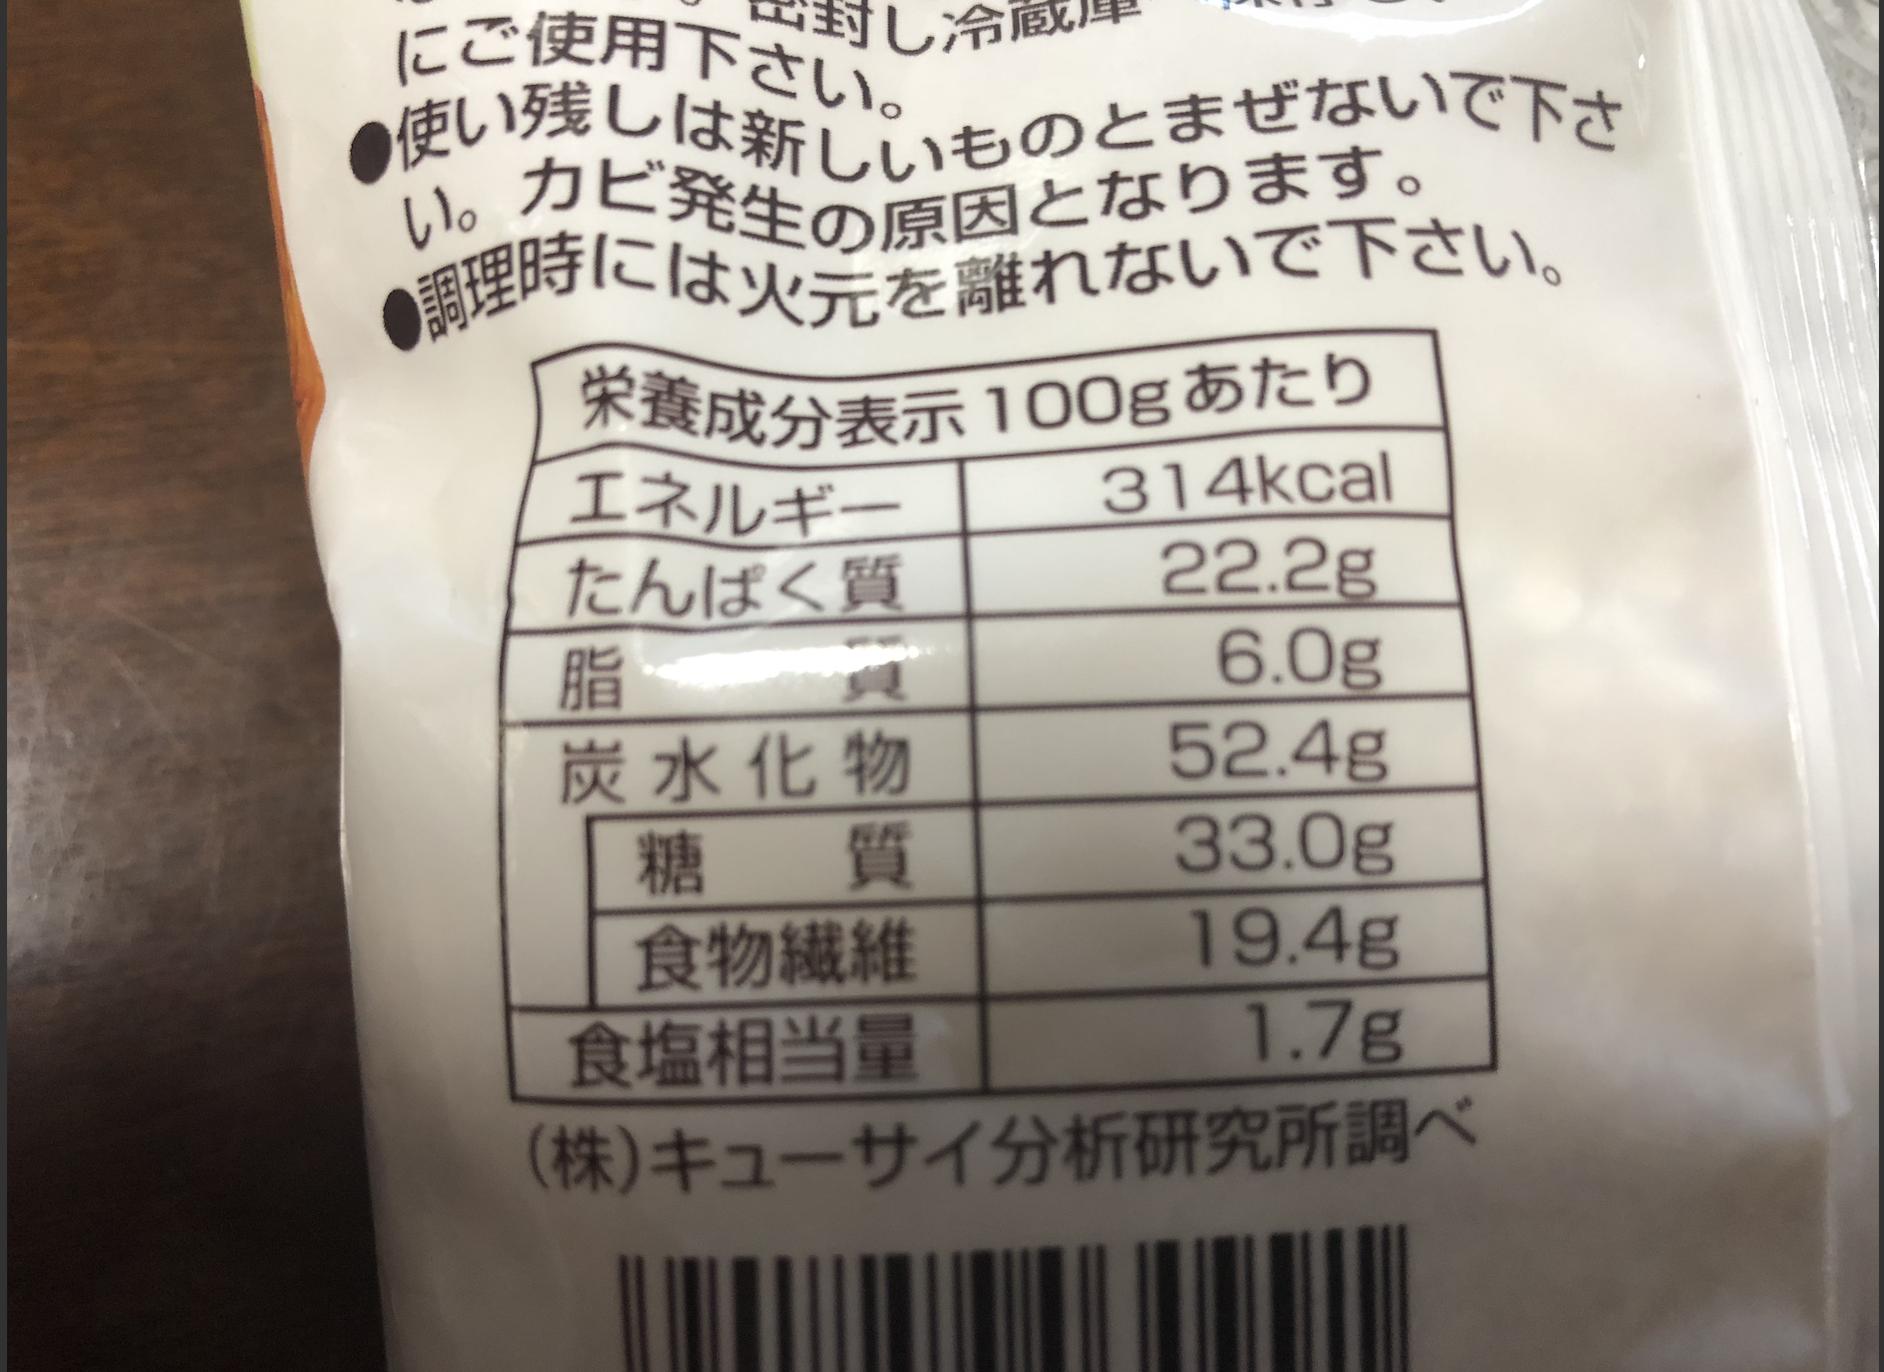 低糖質パン粉の栄養成分表示